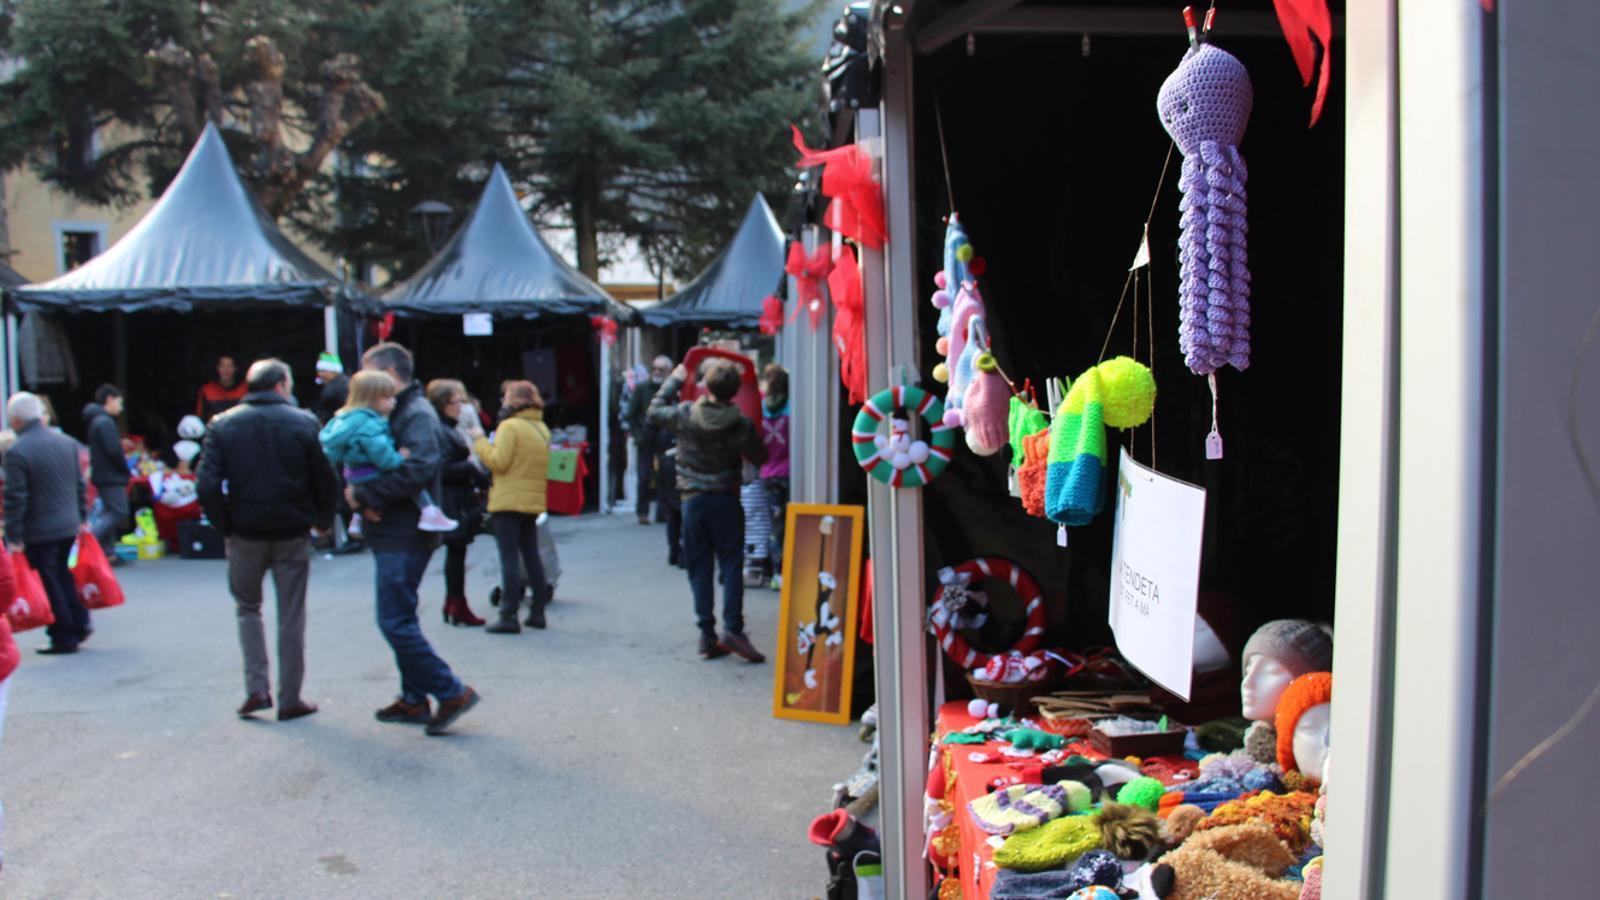 Algunes de les parades que es poden trobar aquest dissabte al Mercat de Nadal d'Encamp. / M. P. (ANA)